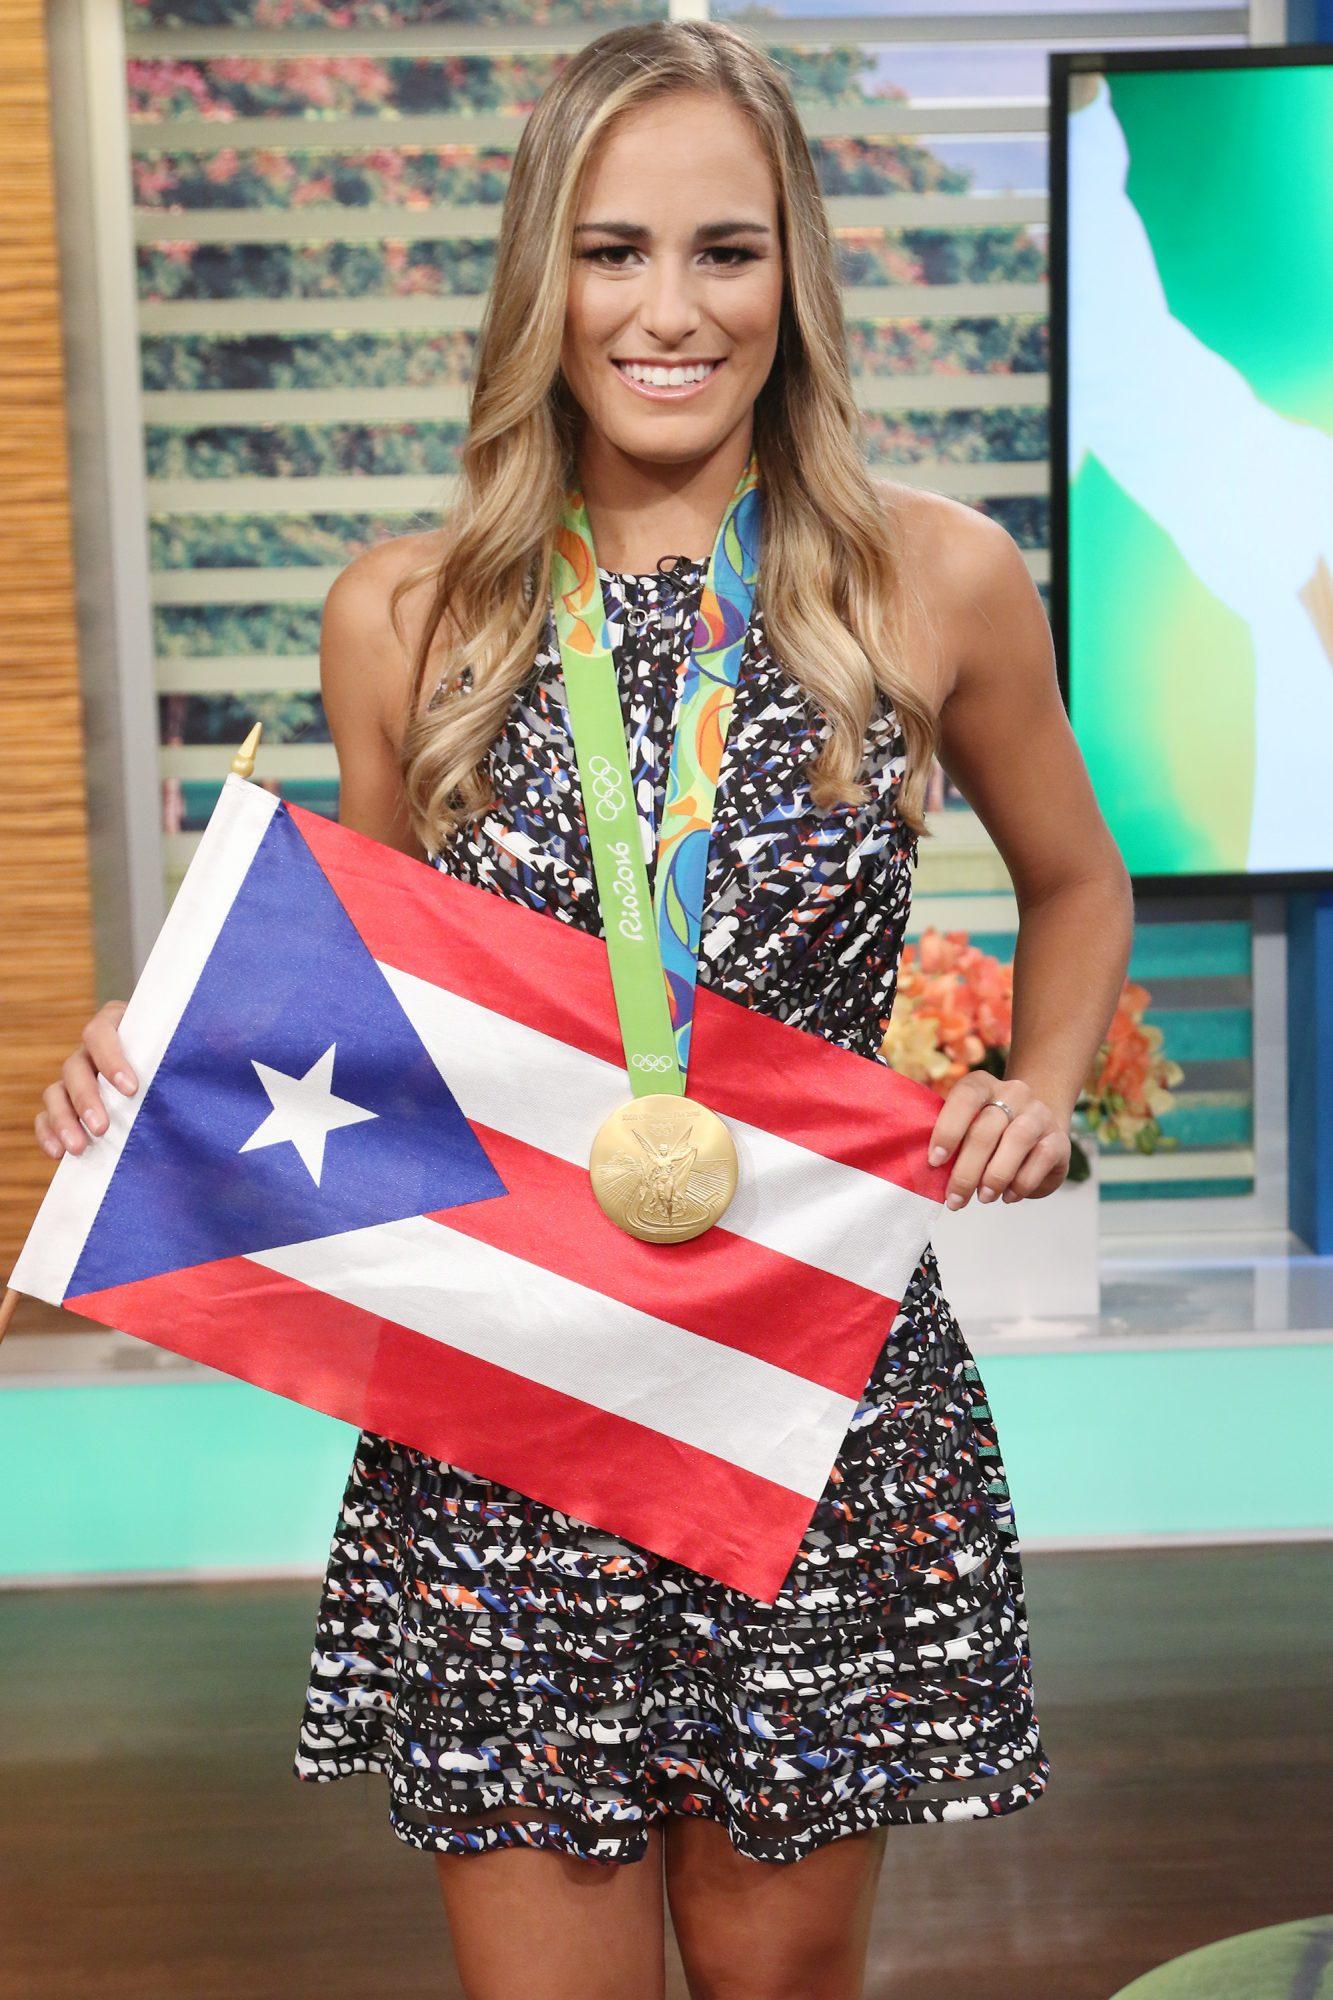 En la pasada edición de los juegos, la tenista boricua se convirtió en la primera campeona olímpica de Puerto Rico —y en la primera mujer que ganaba una medalla para su isla natal.